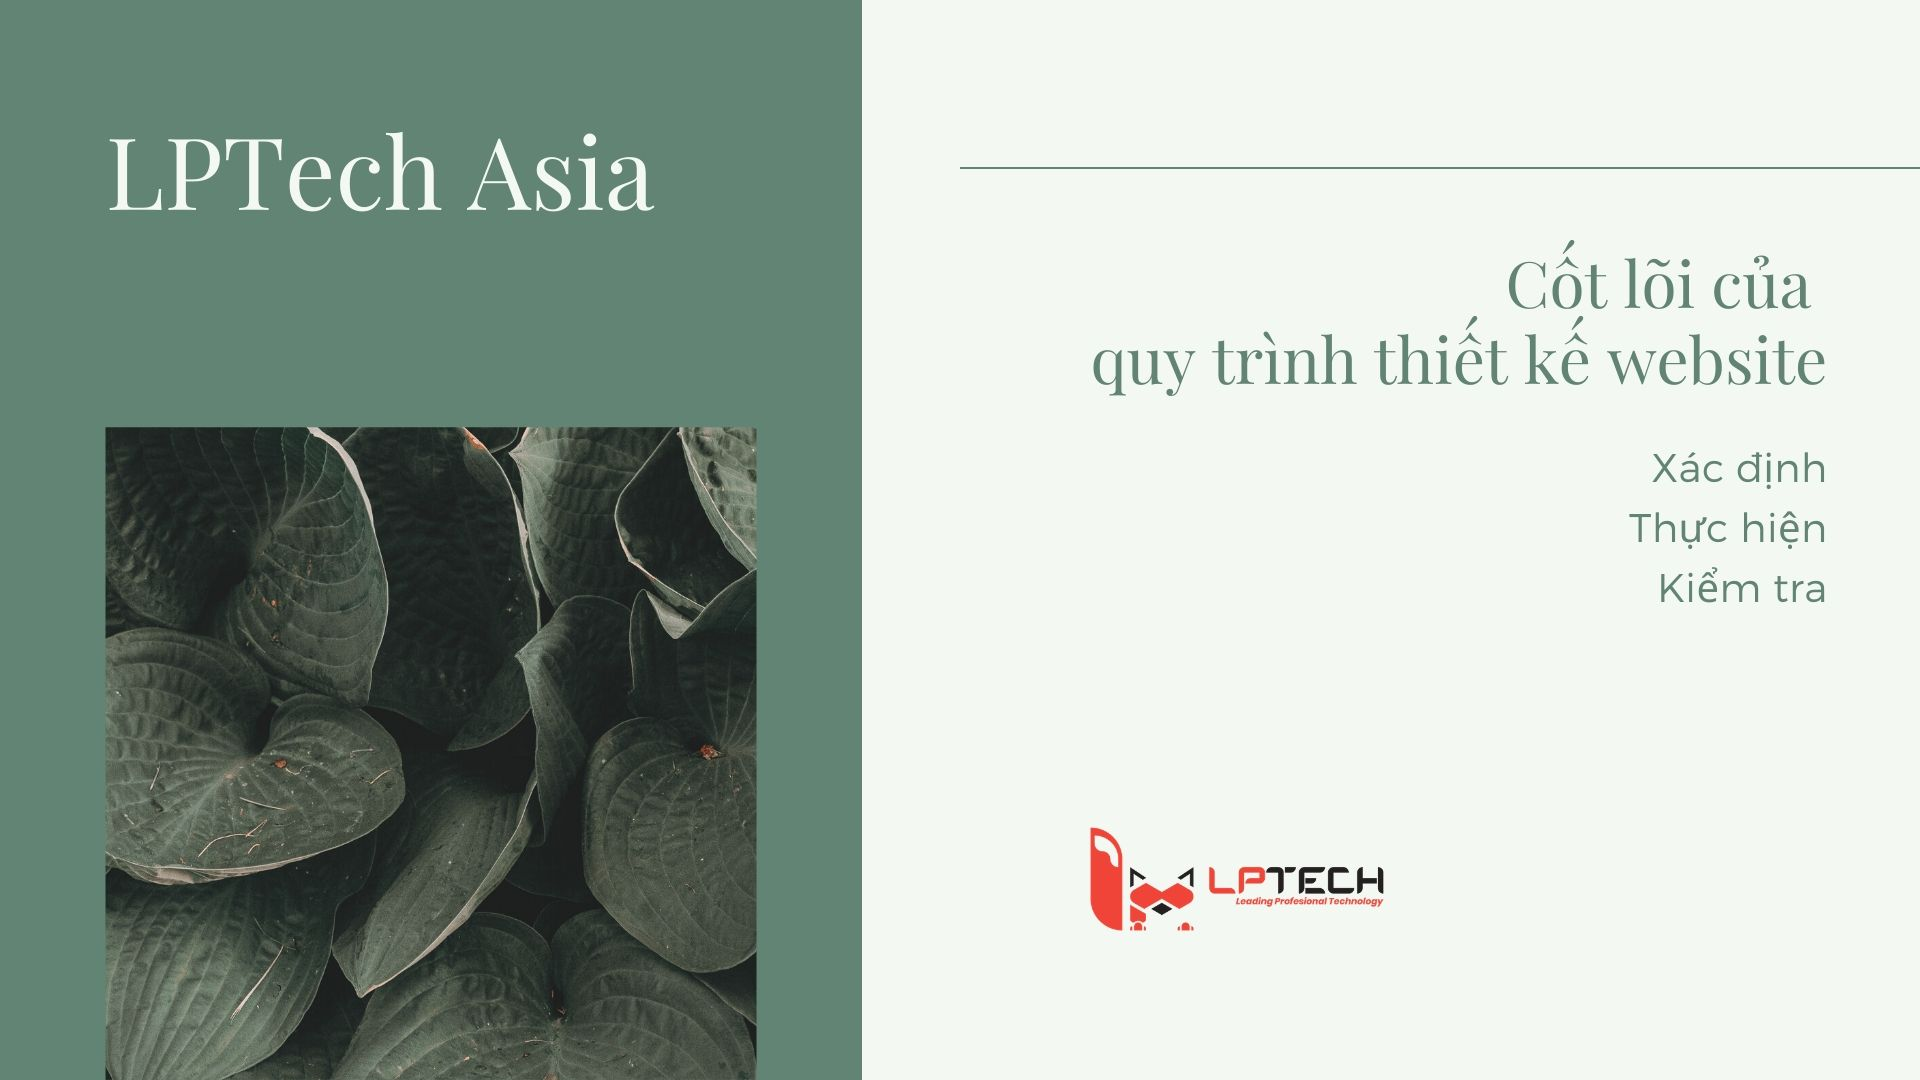 Hành động cốt lõi trong quy trình thiết kế website ở LPTech Asia